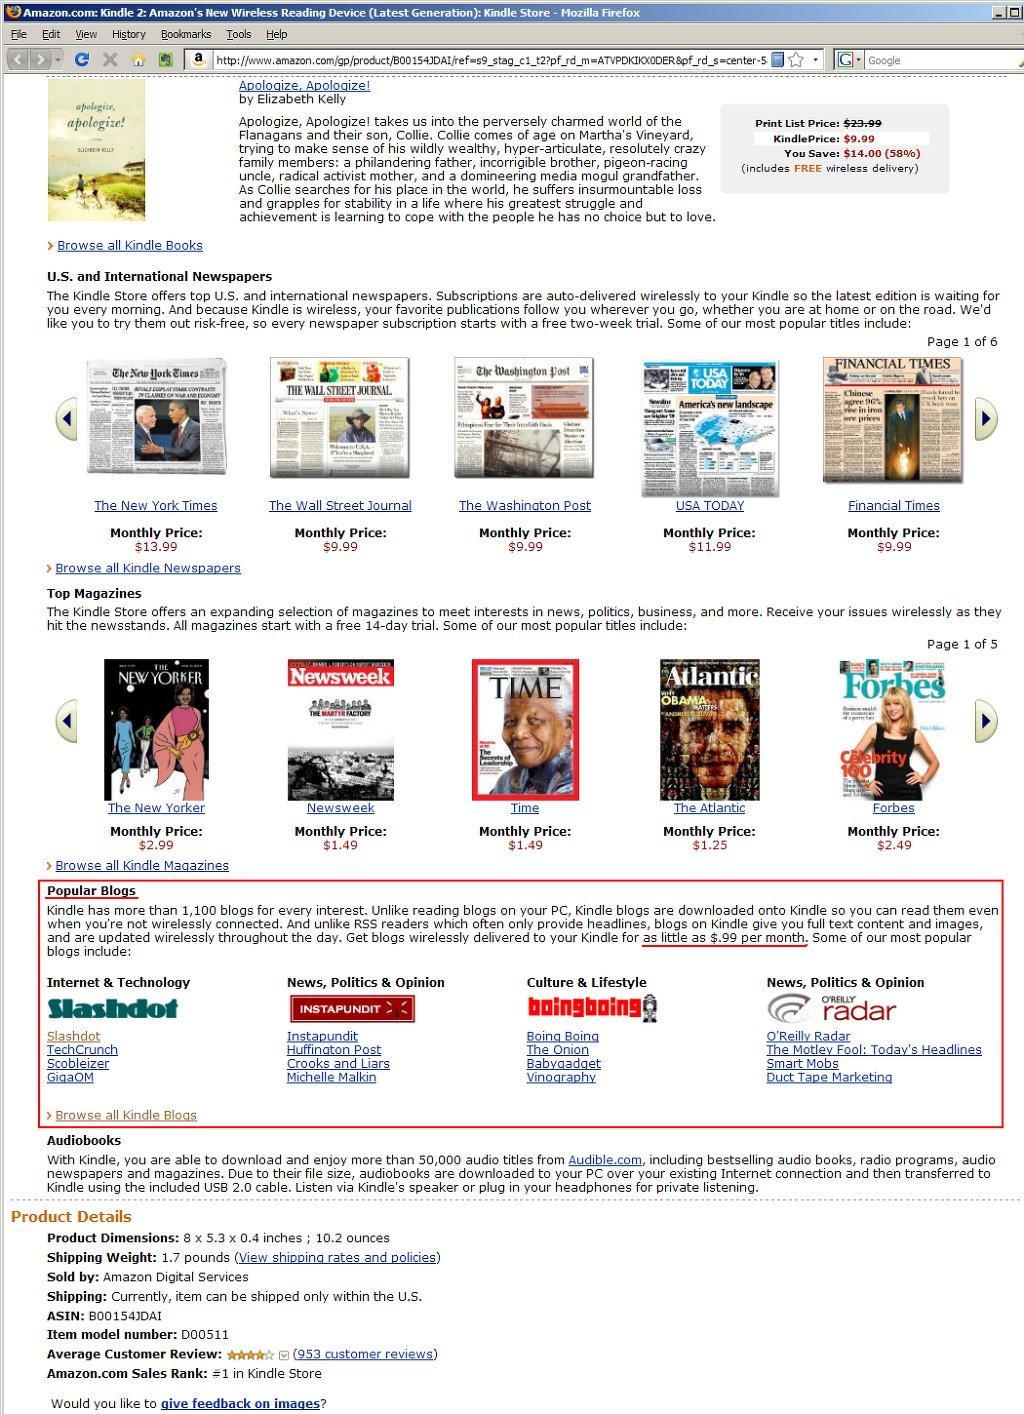 아마존 킨들의 컨텐츠 소개 영역을 화면 캡처